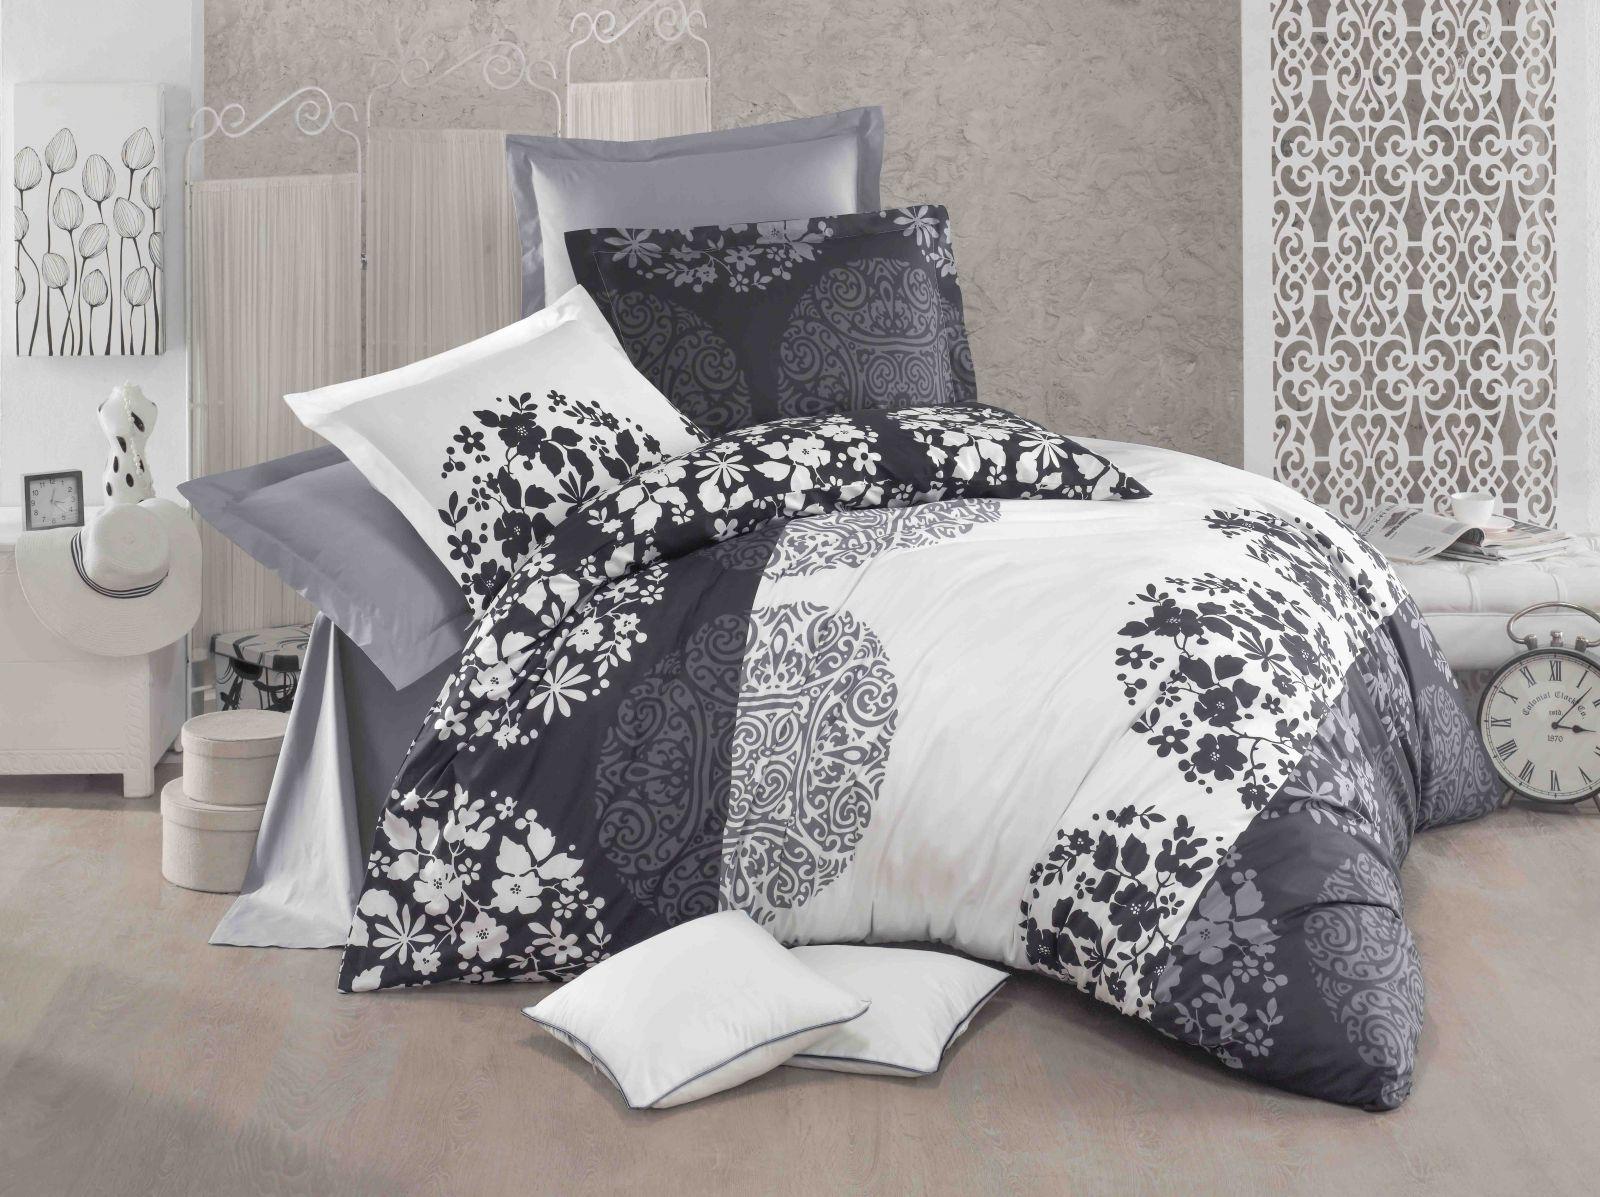 Povlečení z bavlny s květinovým ornamentem v bílé a černé barvě Kvalitex